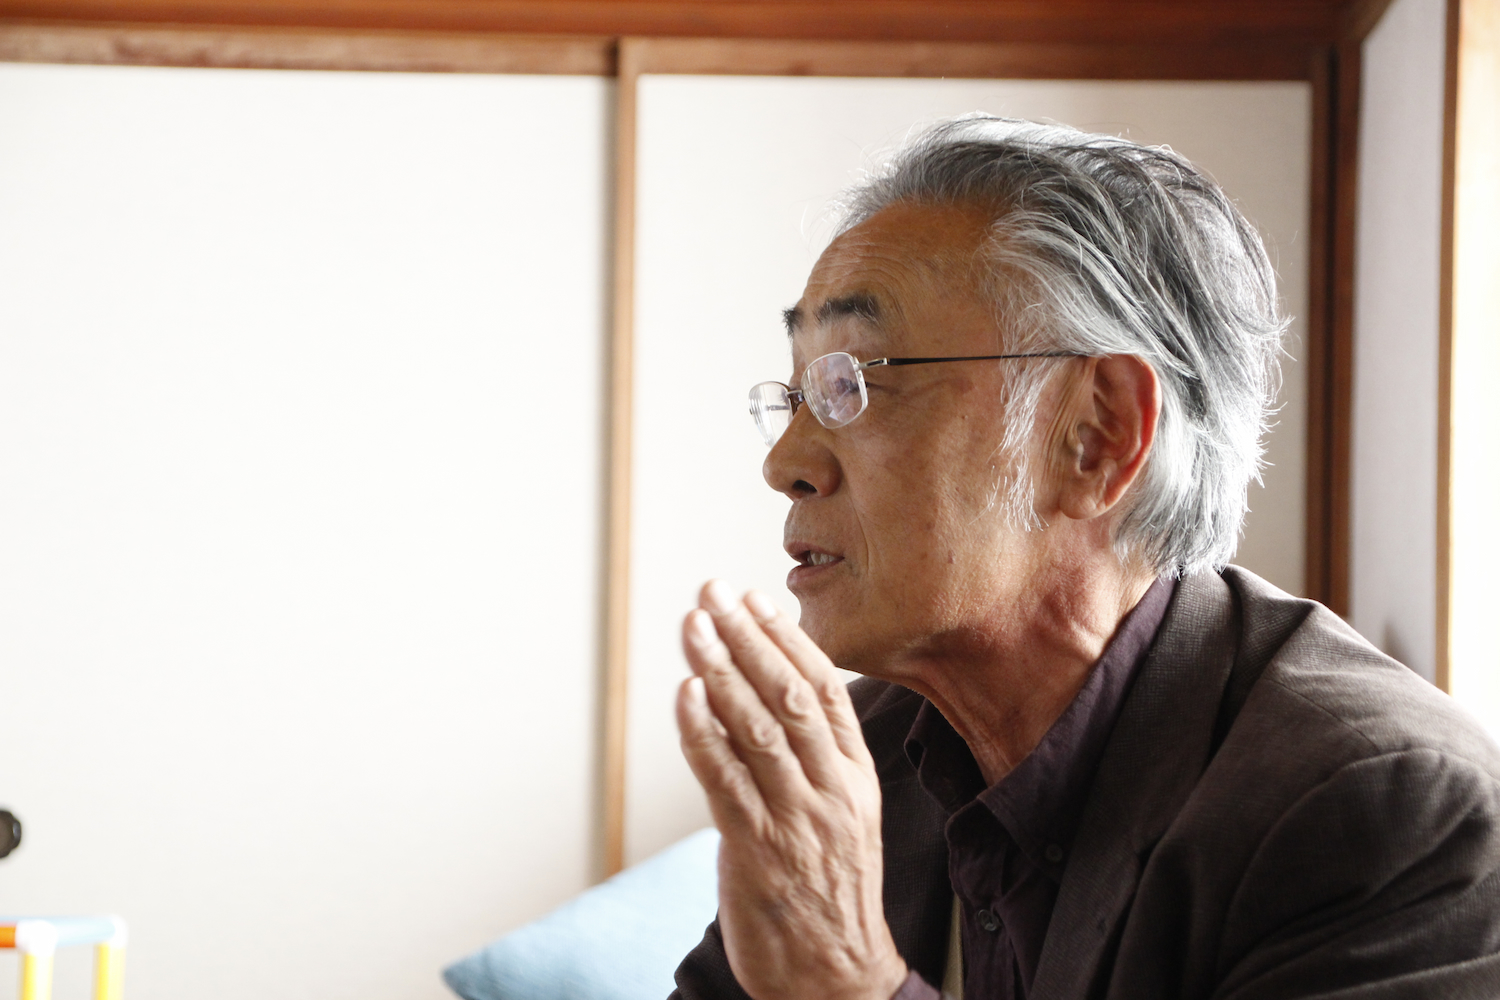 この活動を全国に広げたいと語る土田さん。さまざまな場所で講演も行っている。